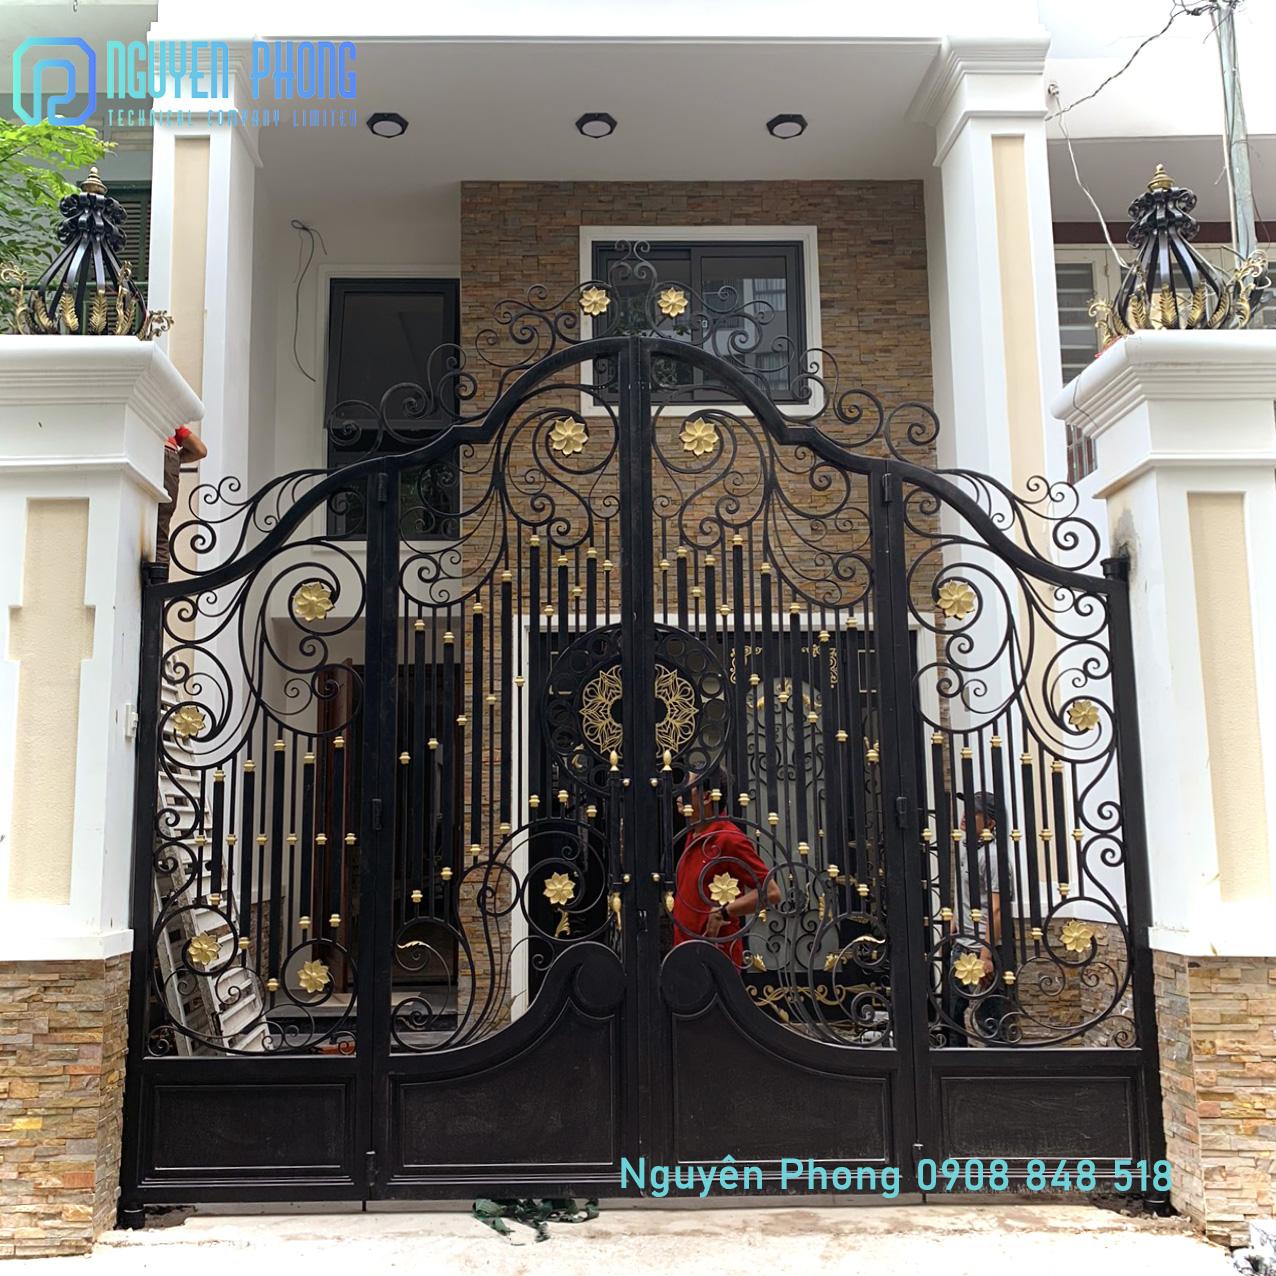 Gia công, thi công trọn gói cổng, cửa, lan can, hàng rào, vách ngăn sắt CNC, sắt uốn mỹ thuật HCM, Bình Phước, Bình Dương